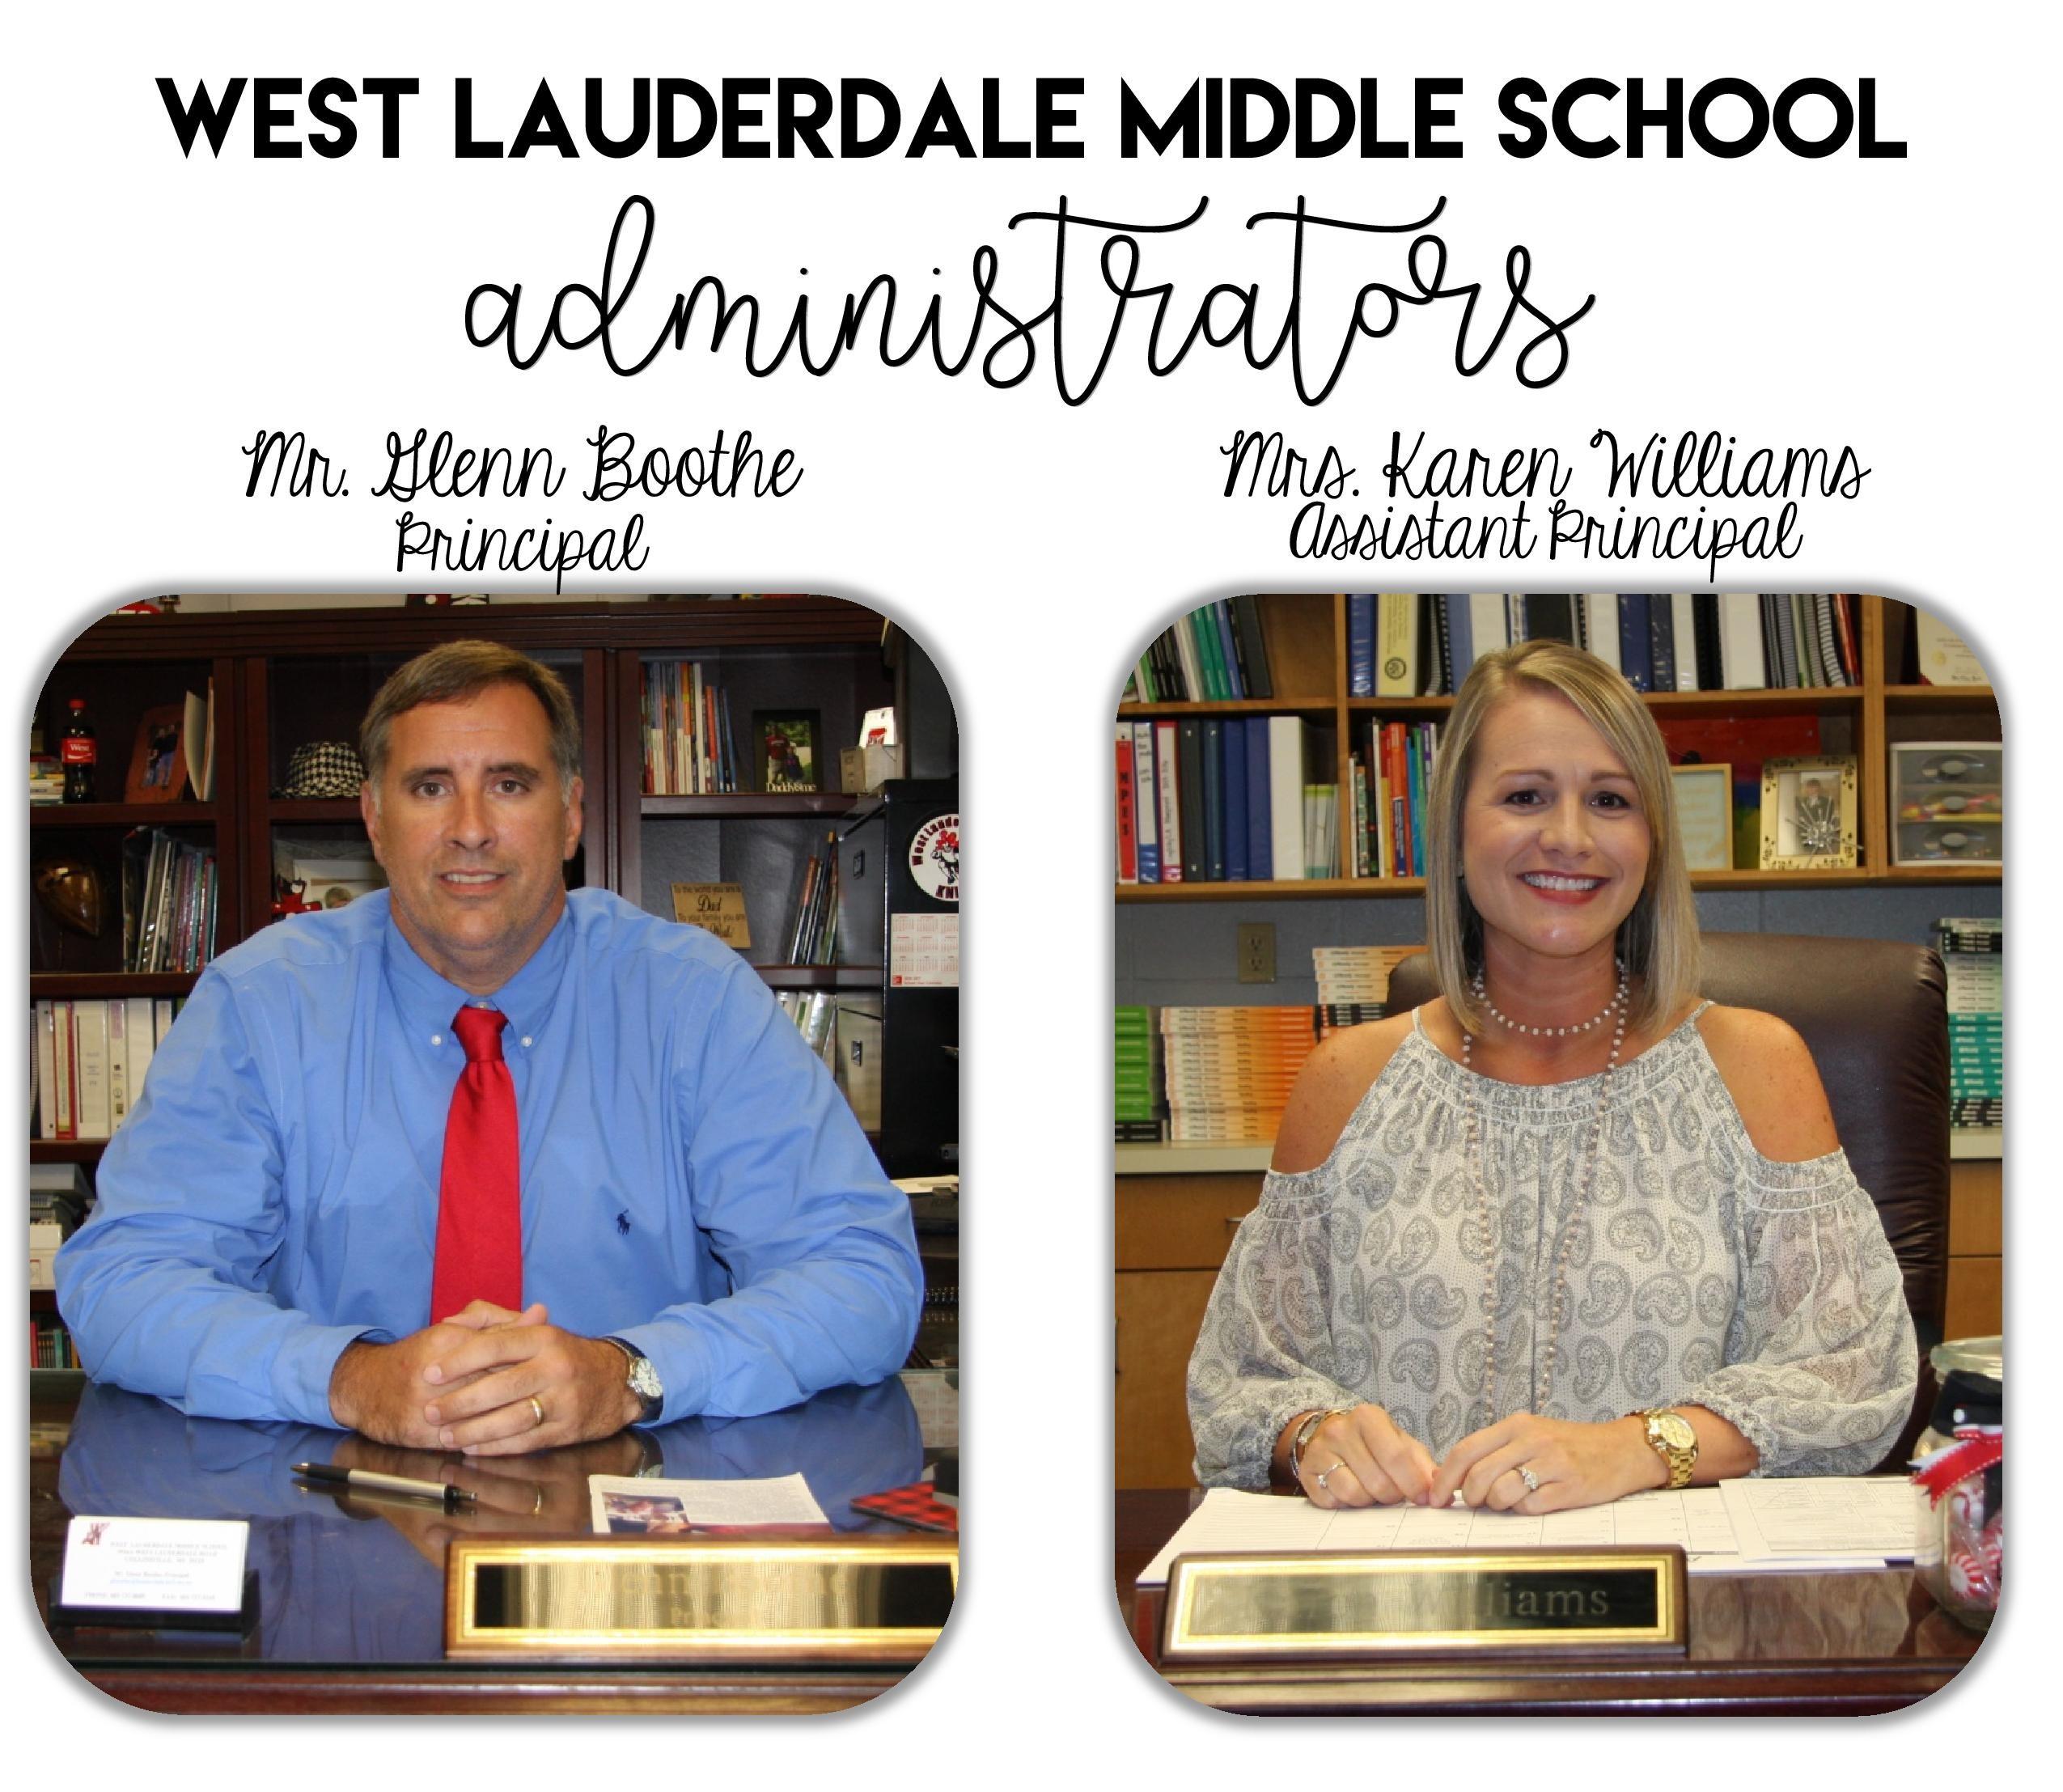 Mr. Glenn Boothe & Mrs. Karen Williams